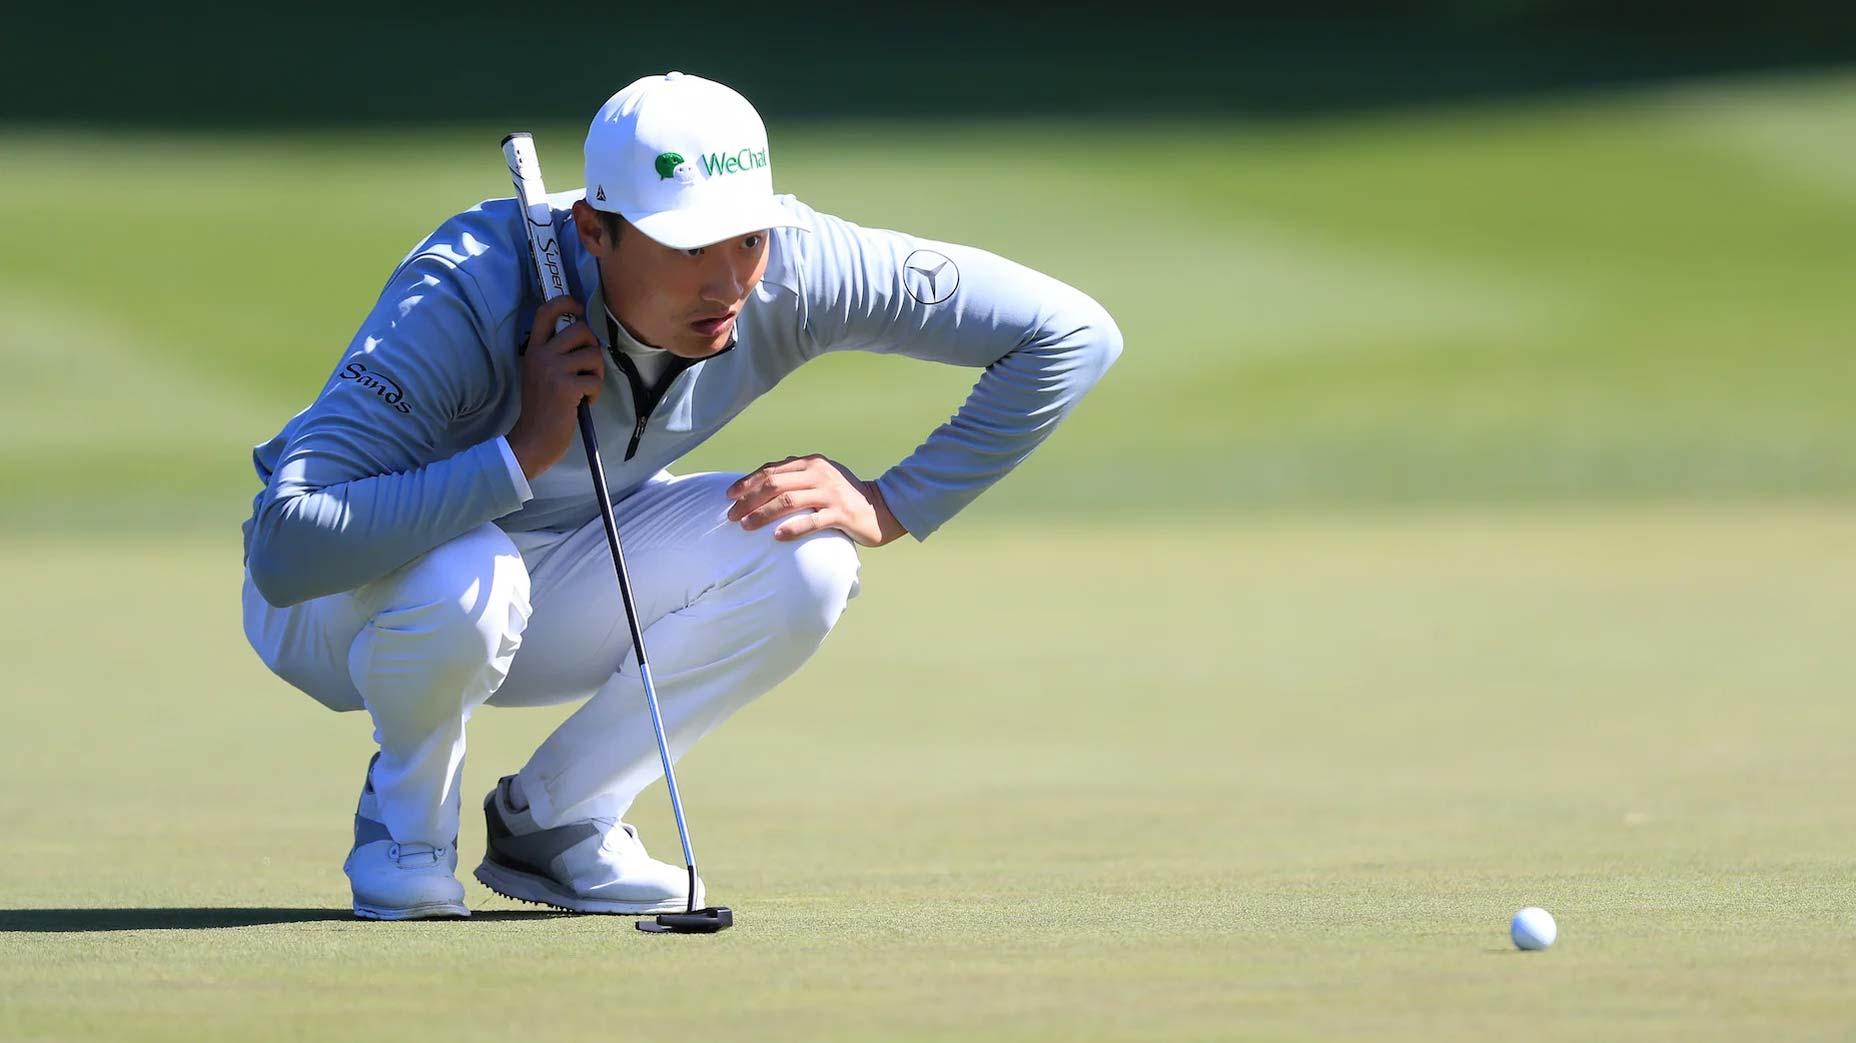 Pro golfer Haotong Li